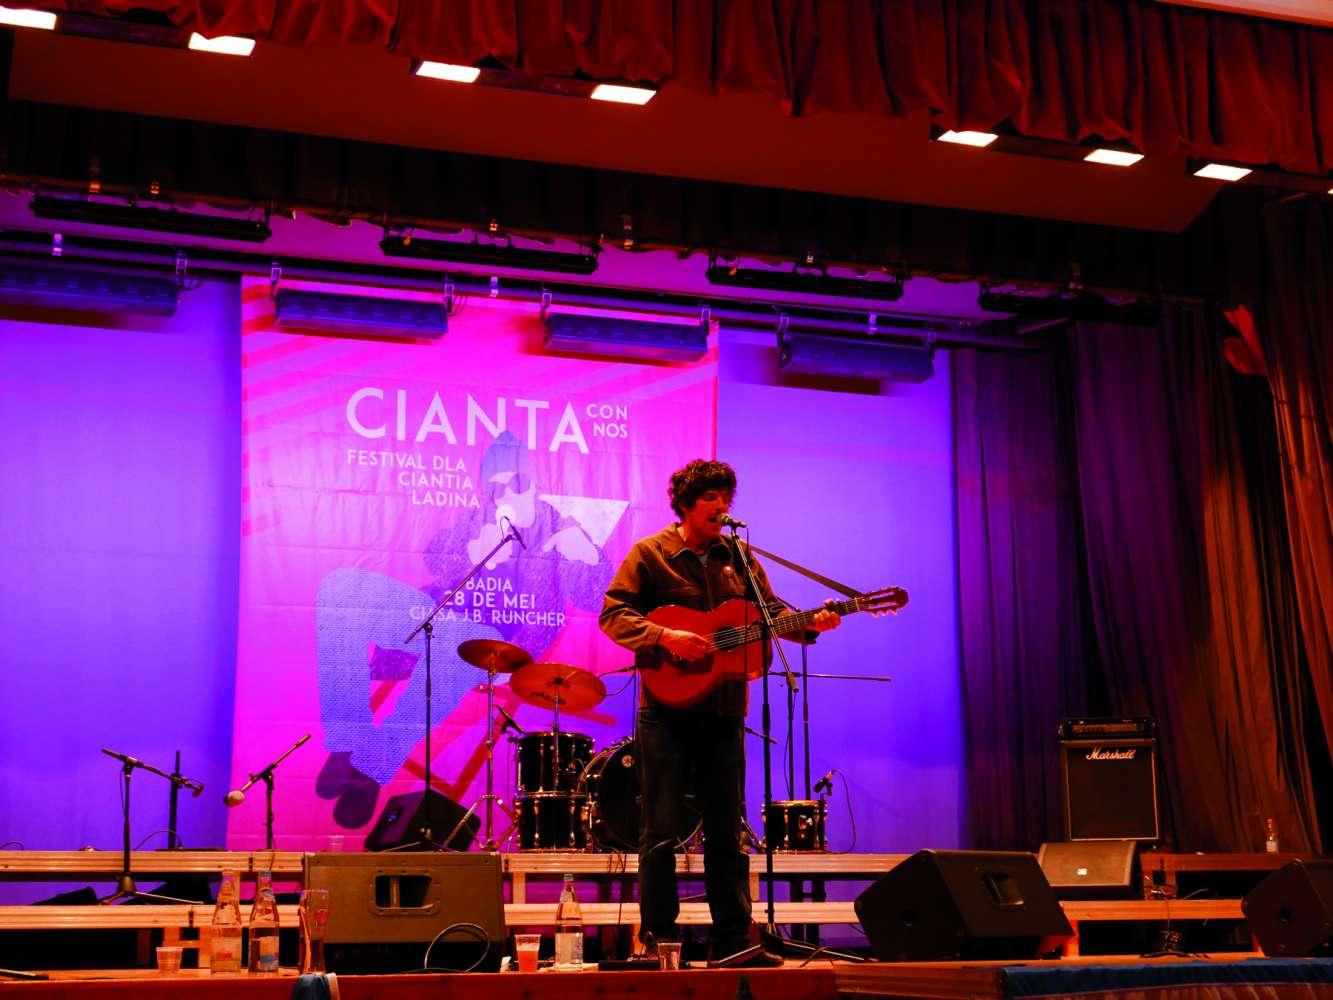 3festival_cianta-con-nos_pascalgamboni.jpg